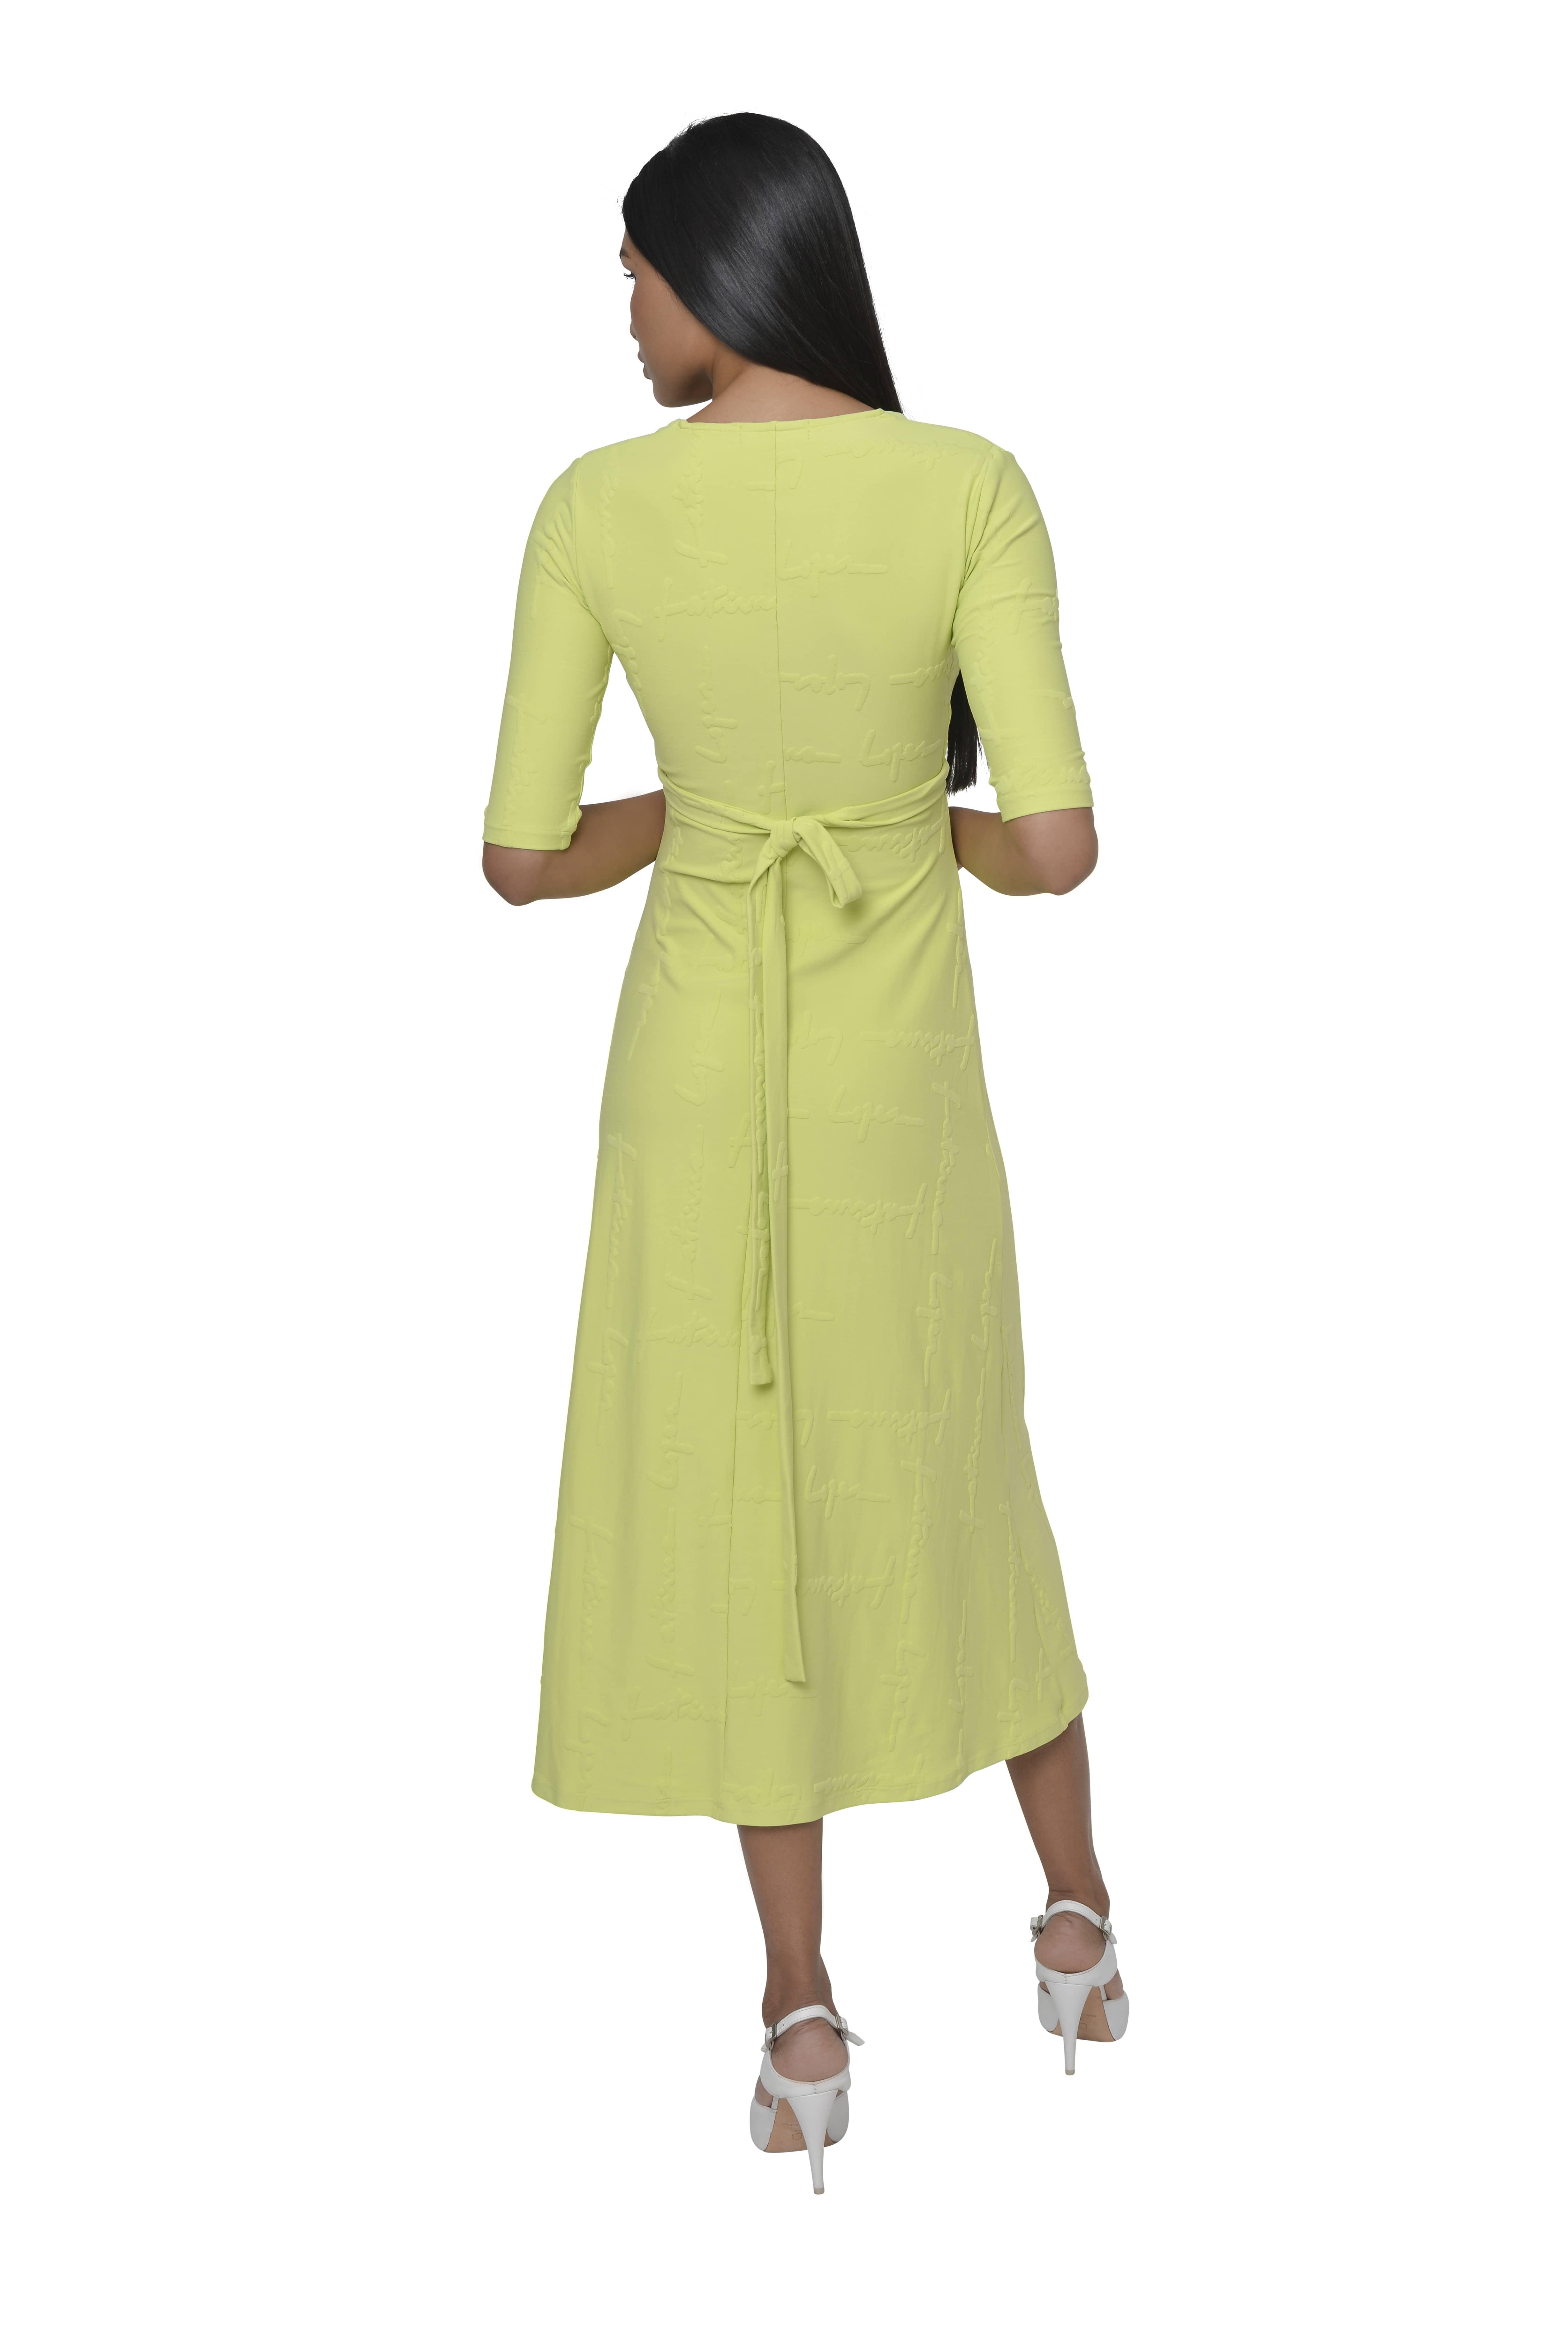 Dress ANTÚRIO 2